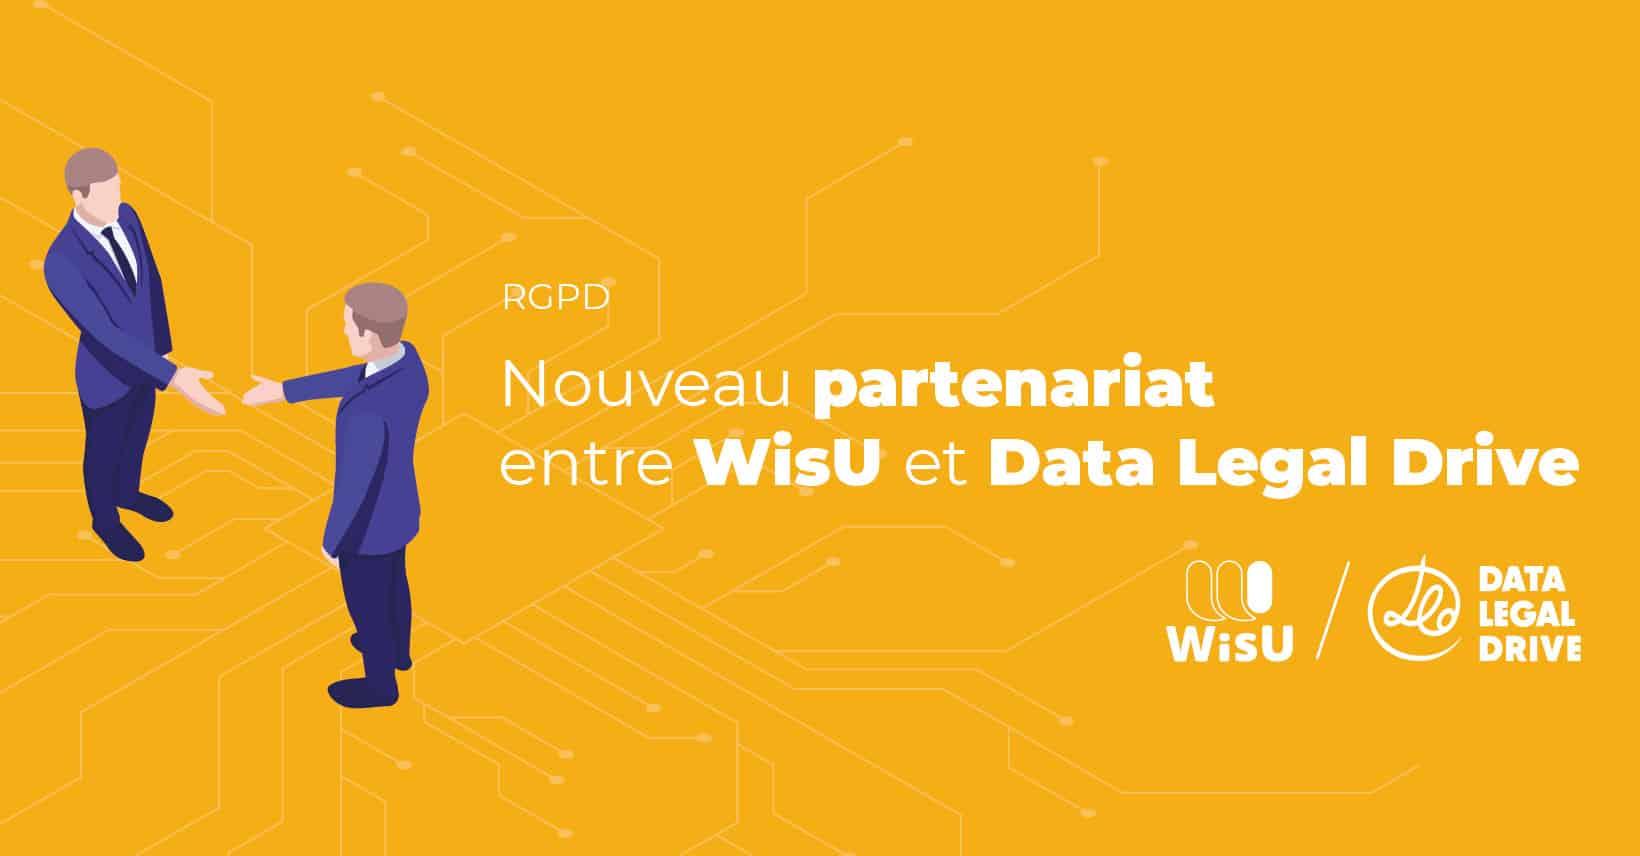 Partenariat Wisu Data Legal Drive